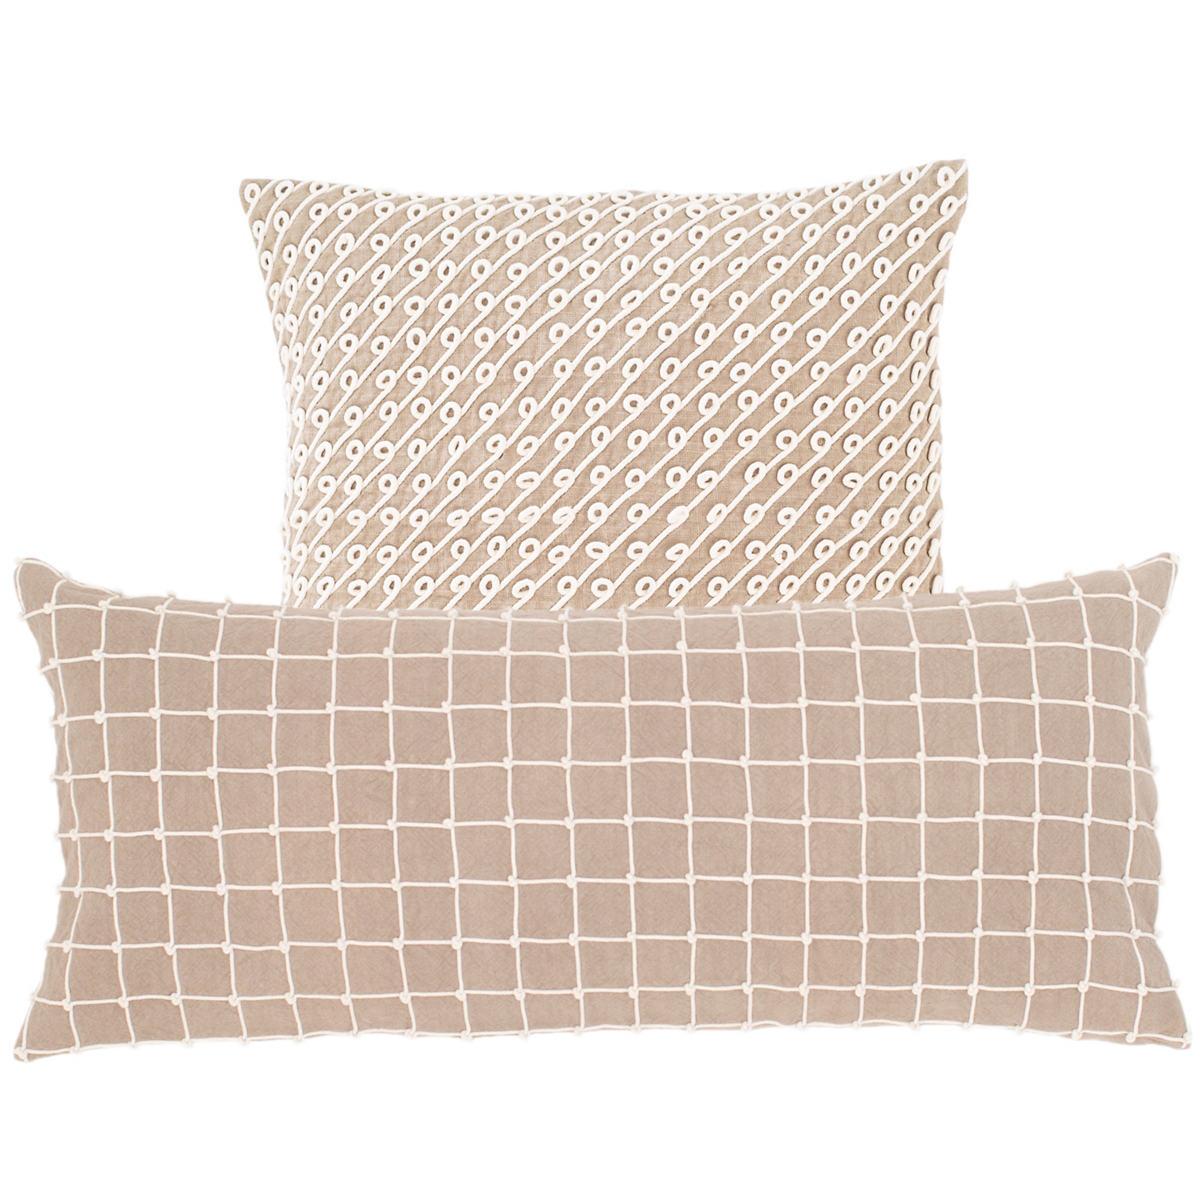 Chadna Linen Decorative Pillow